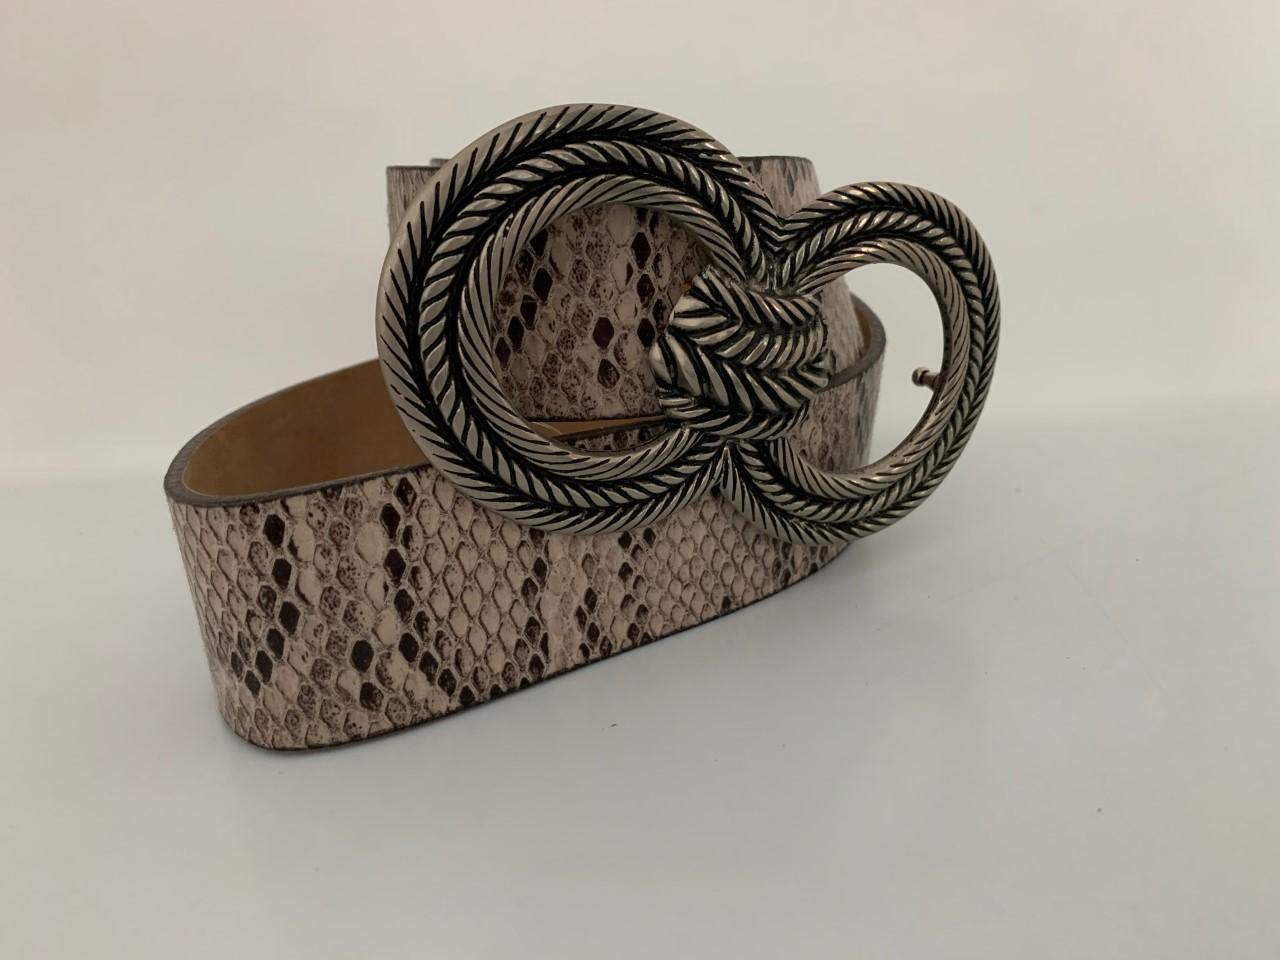 Distribuidor de cinto de couro legitimo feminino